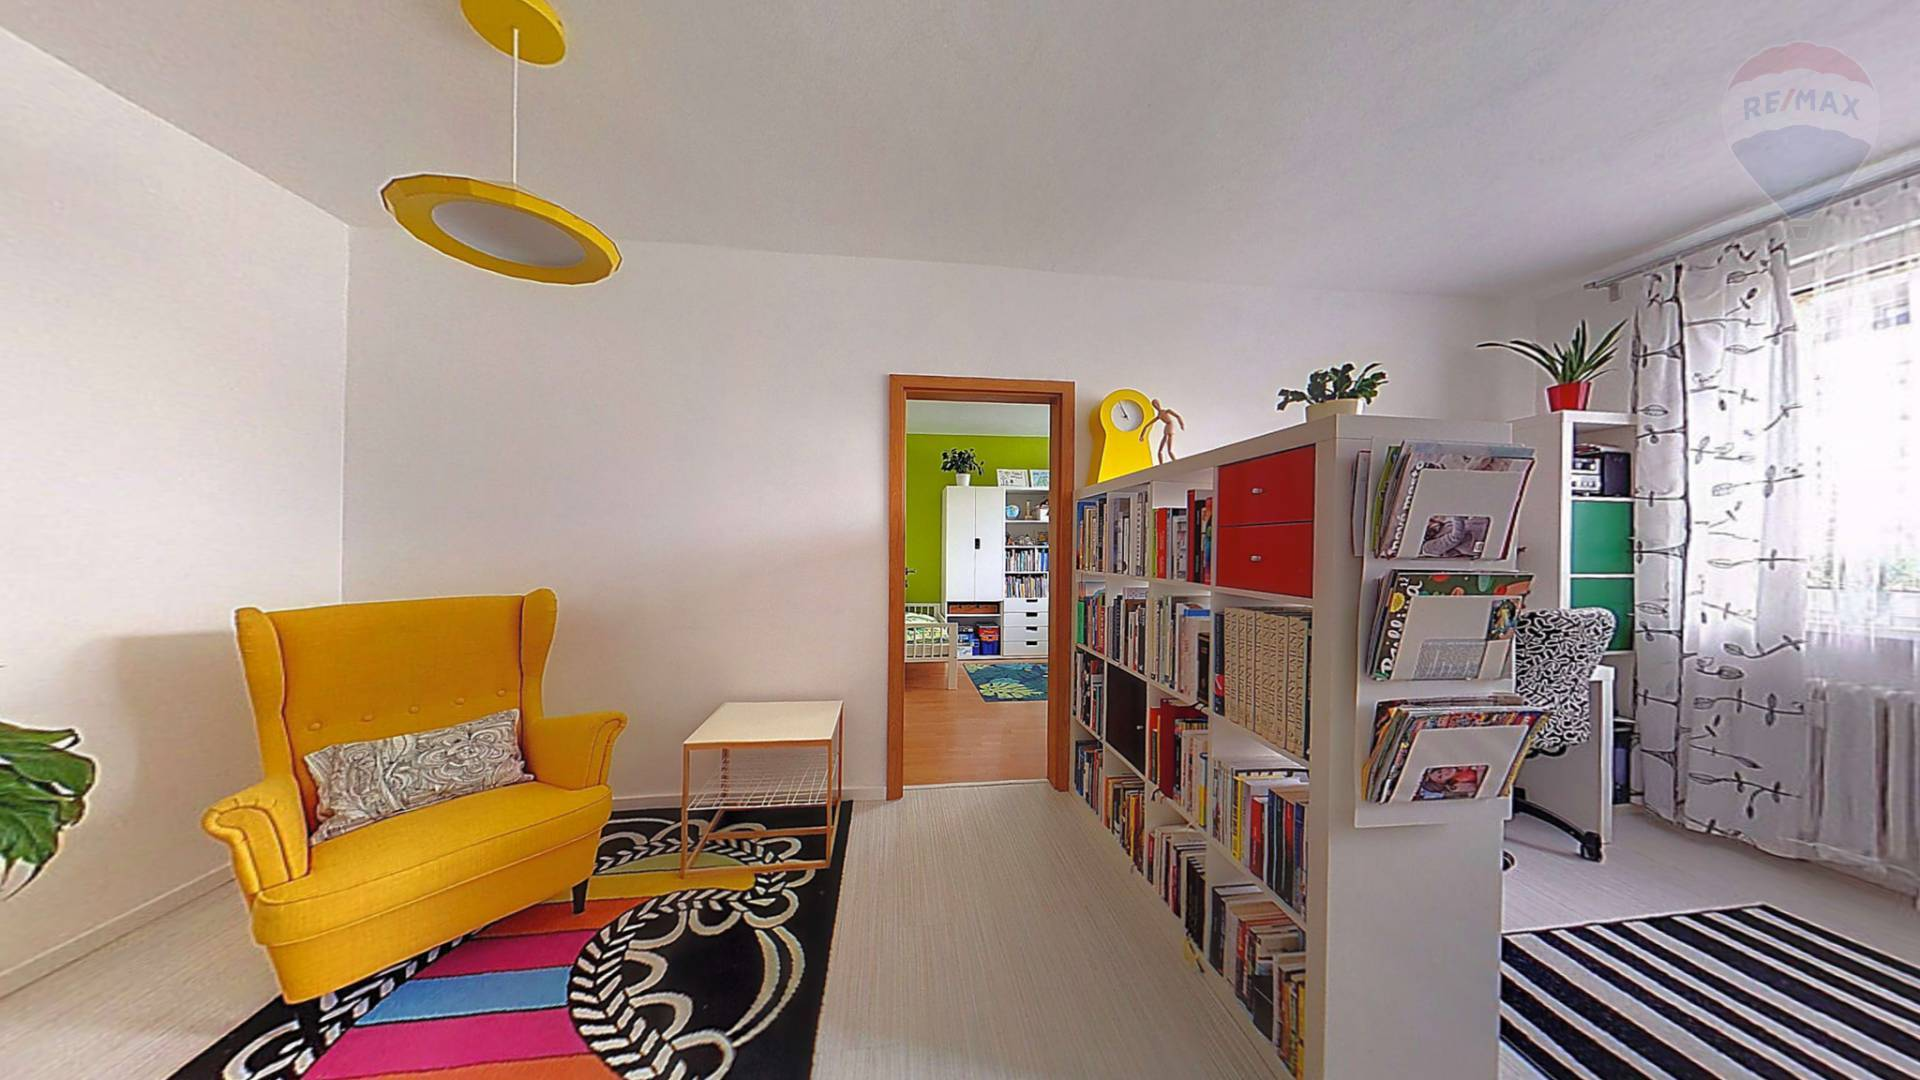 Predaj 3izb. byt Pri Kríži, Dúbravka, kompletná rekonštrukcia, super cena